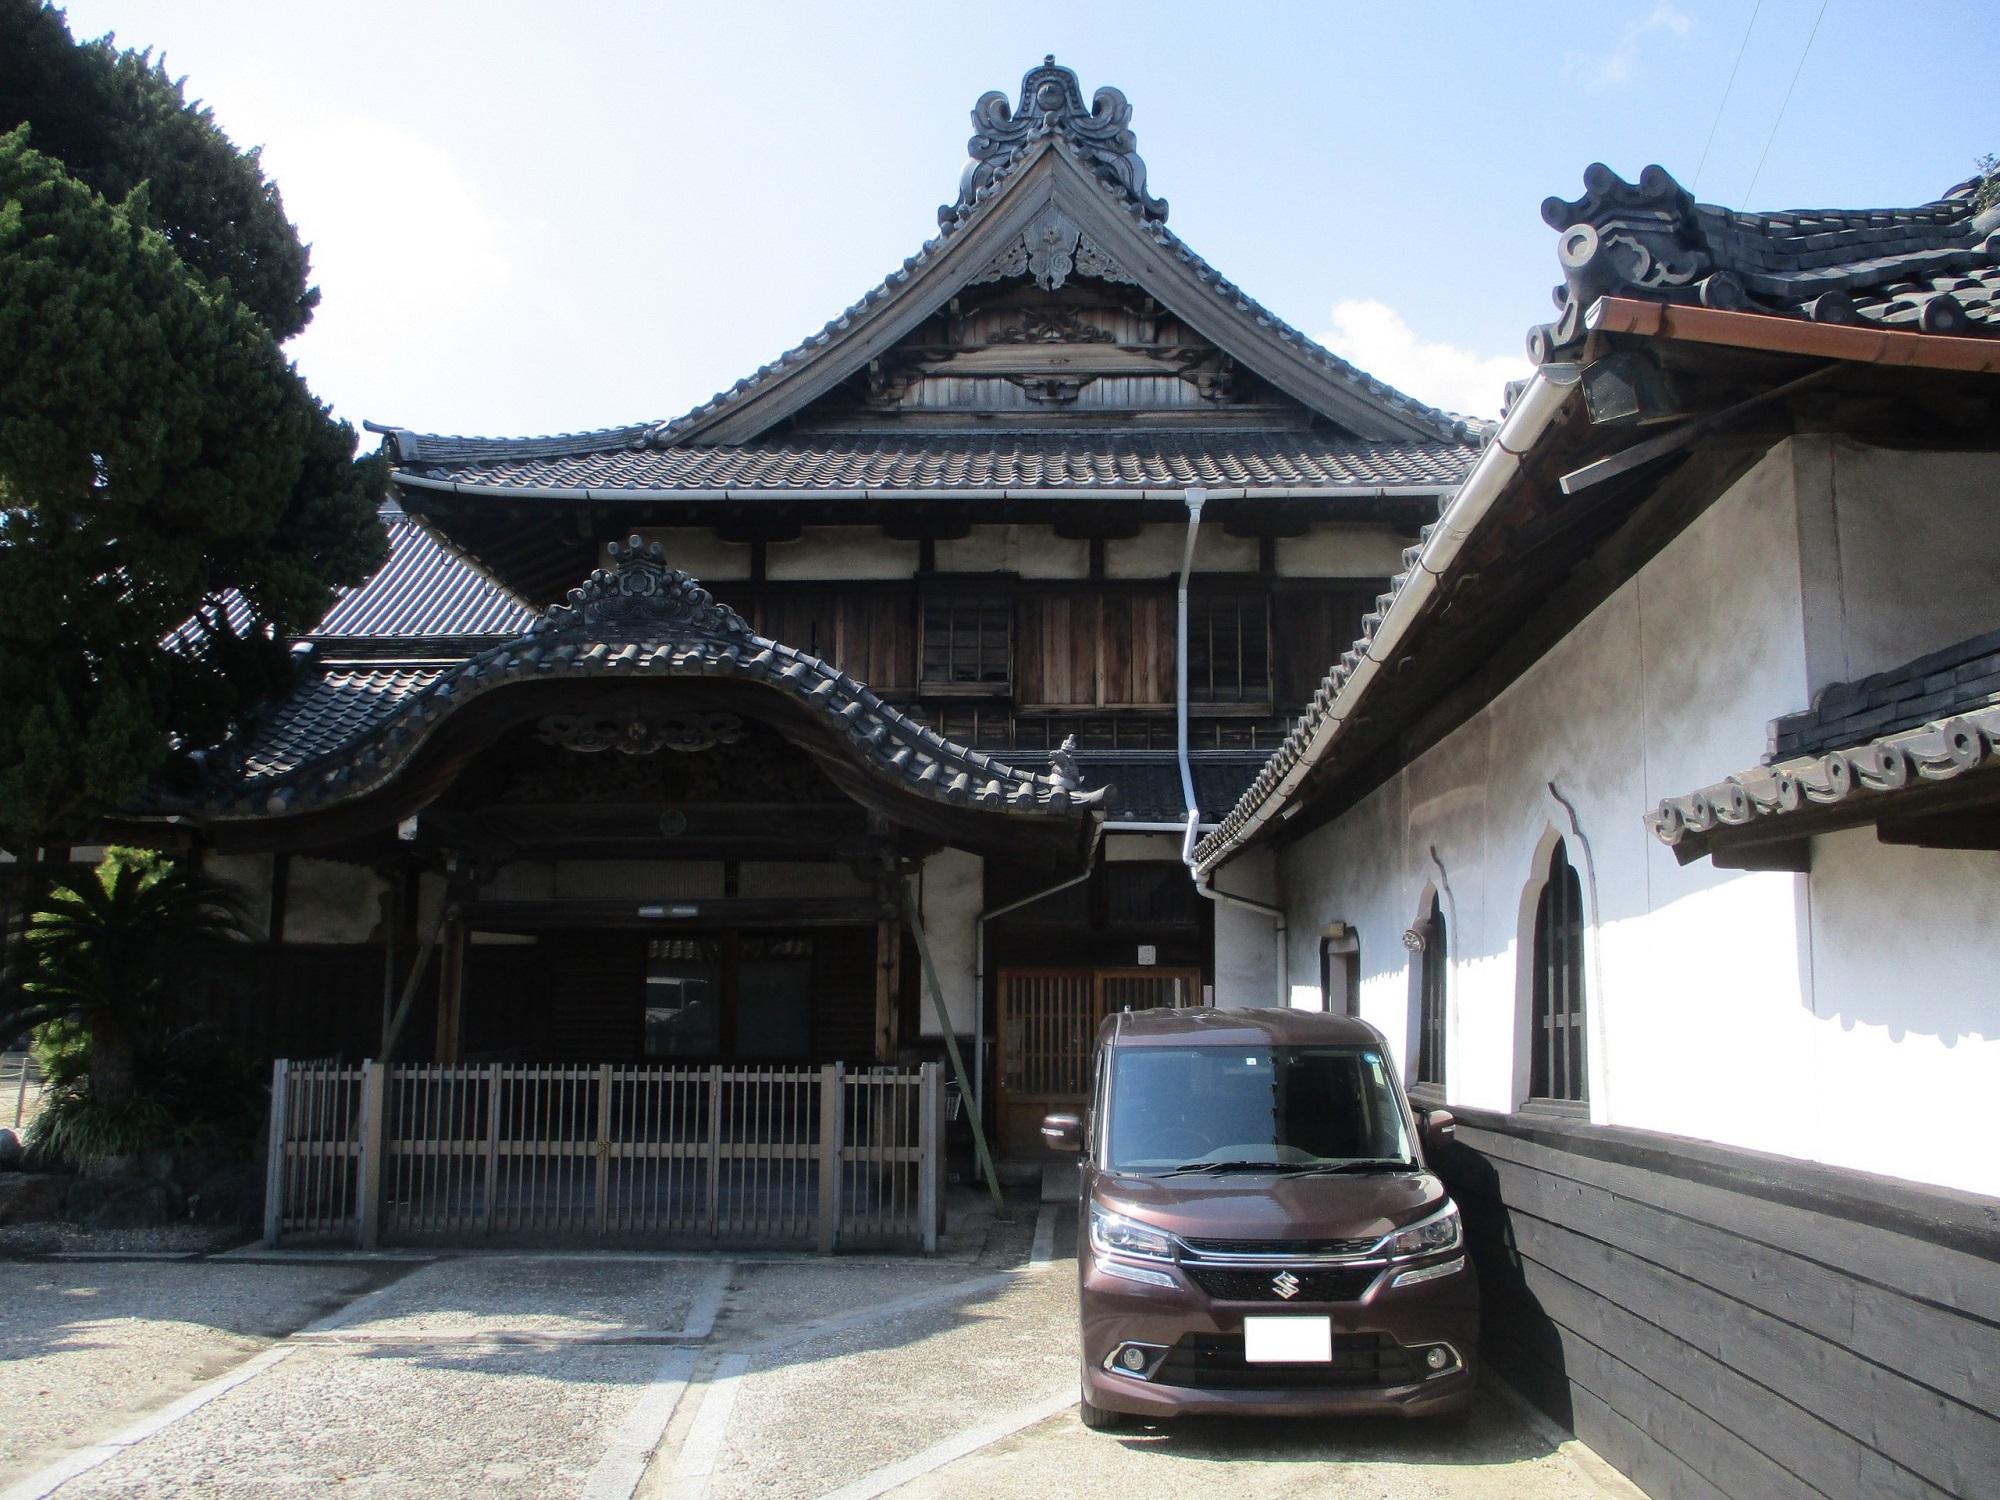 2020.3.15 (3) 西方寺 - おくり 2000-1500